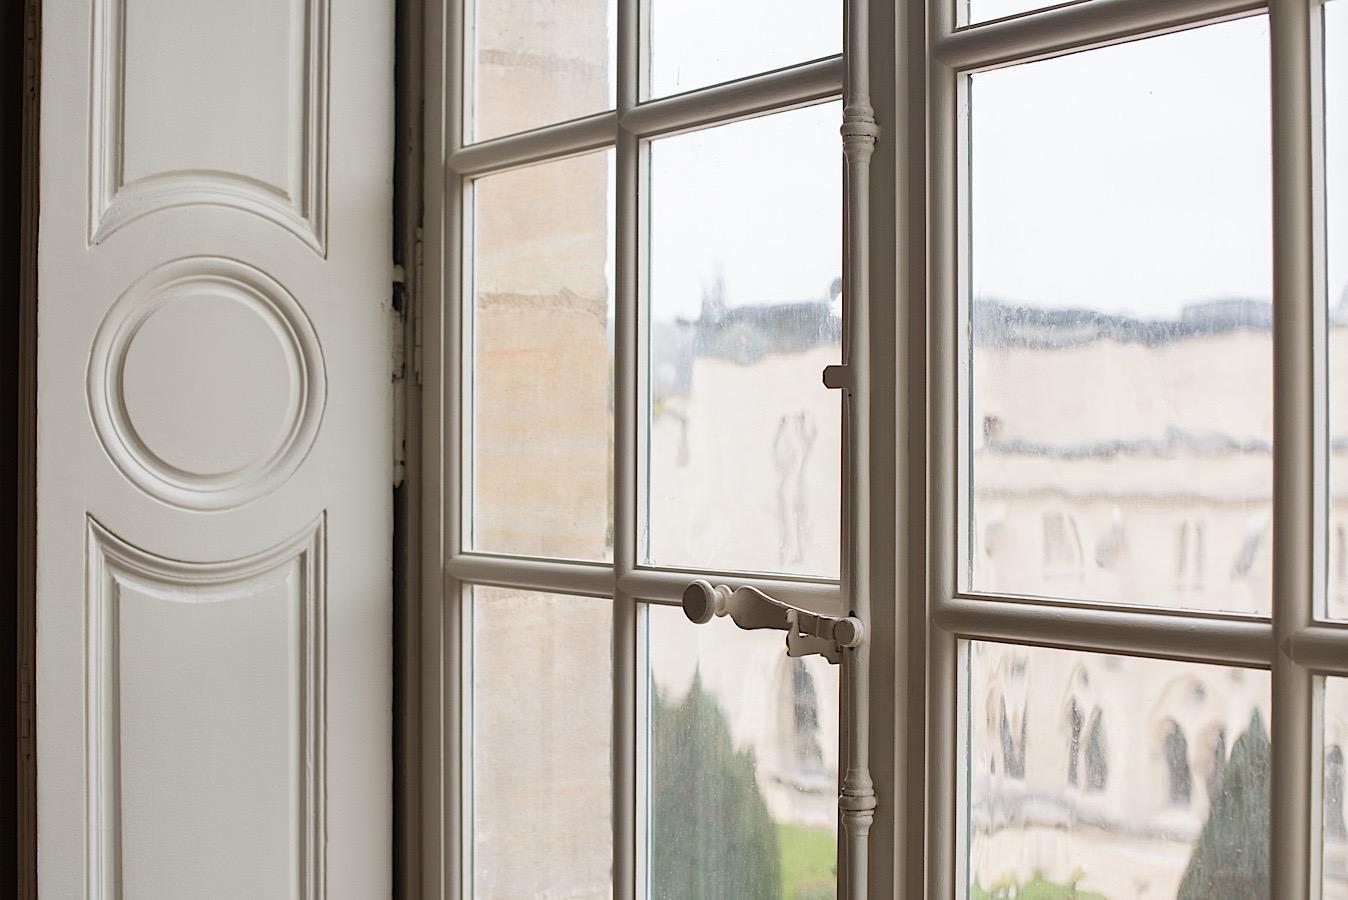 Volets intérieurs au Musée Rodin à Paris